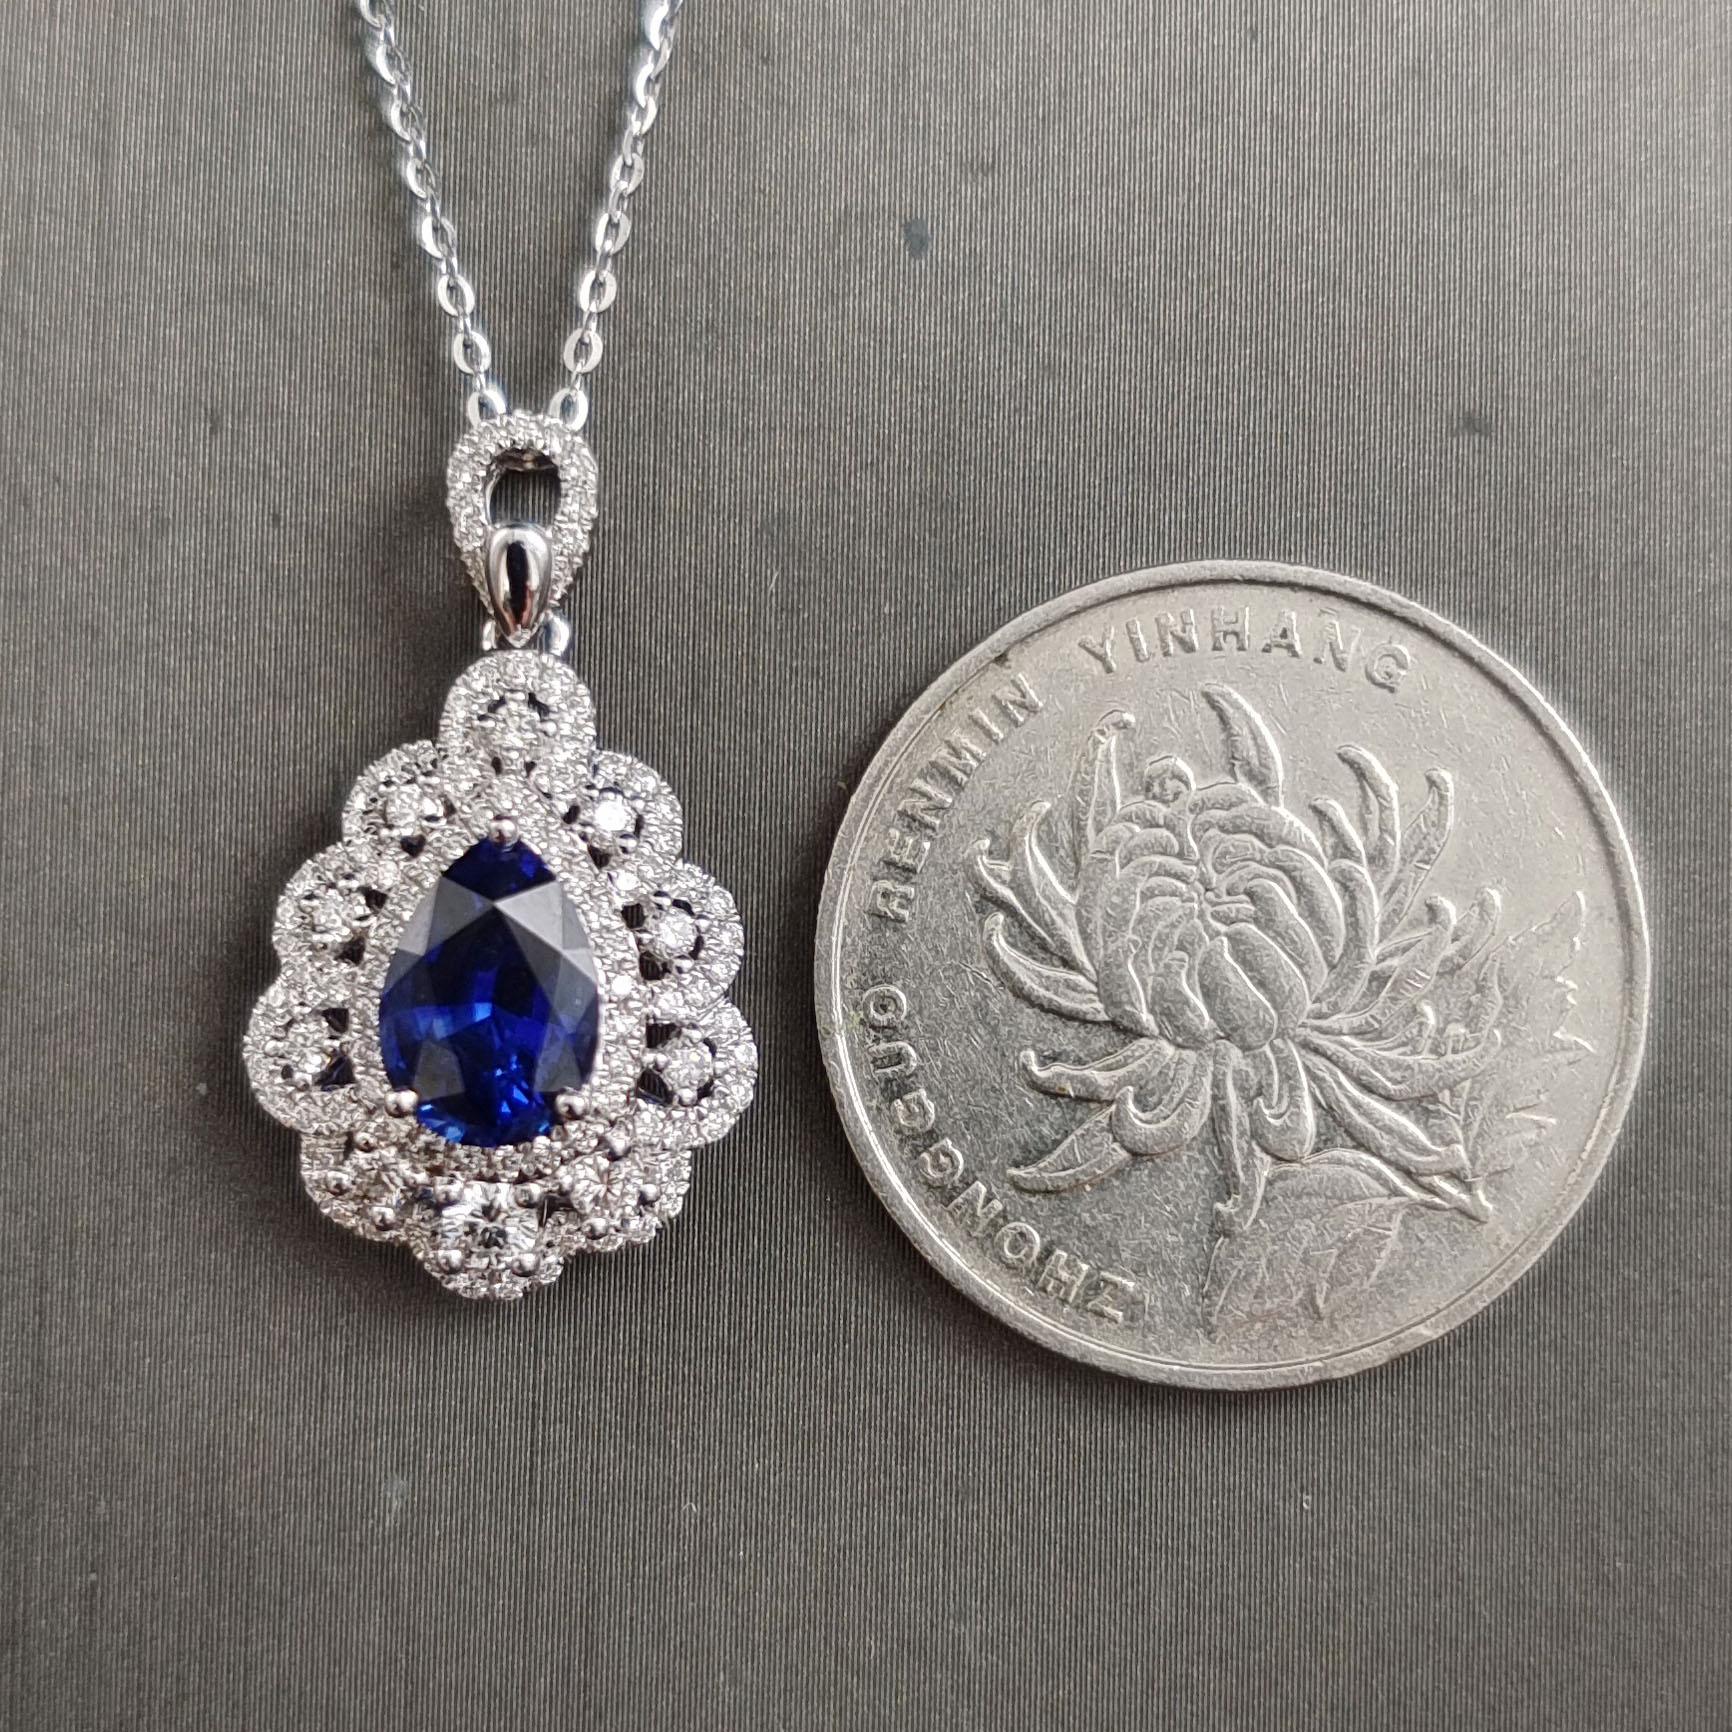 【【吊坠】18K金+蓝宝石+钻石 宝石颜色纯正 主石:2.05ct/P 货重:3.43g】图5